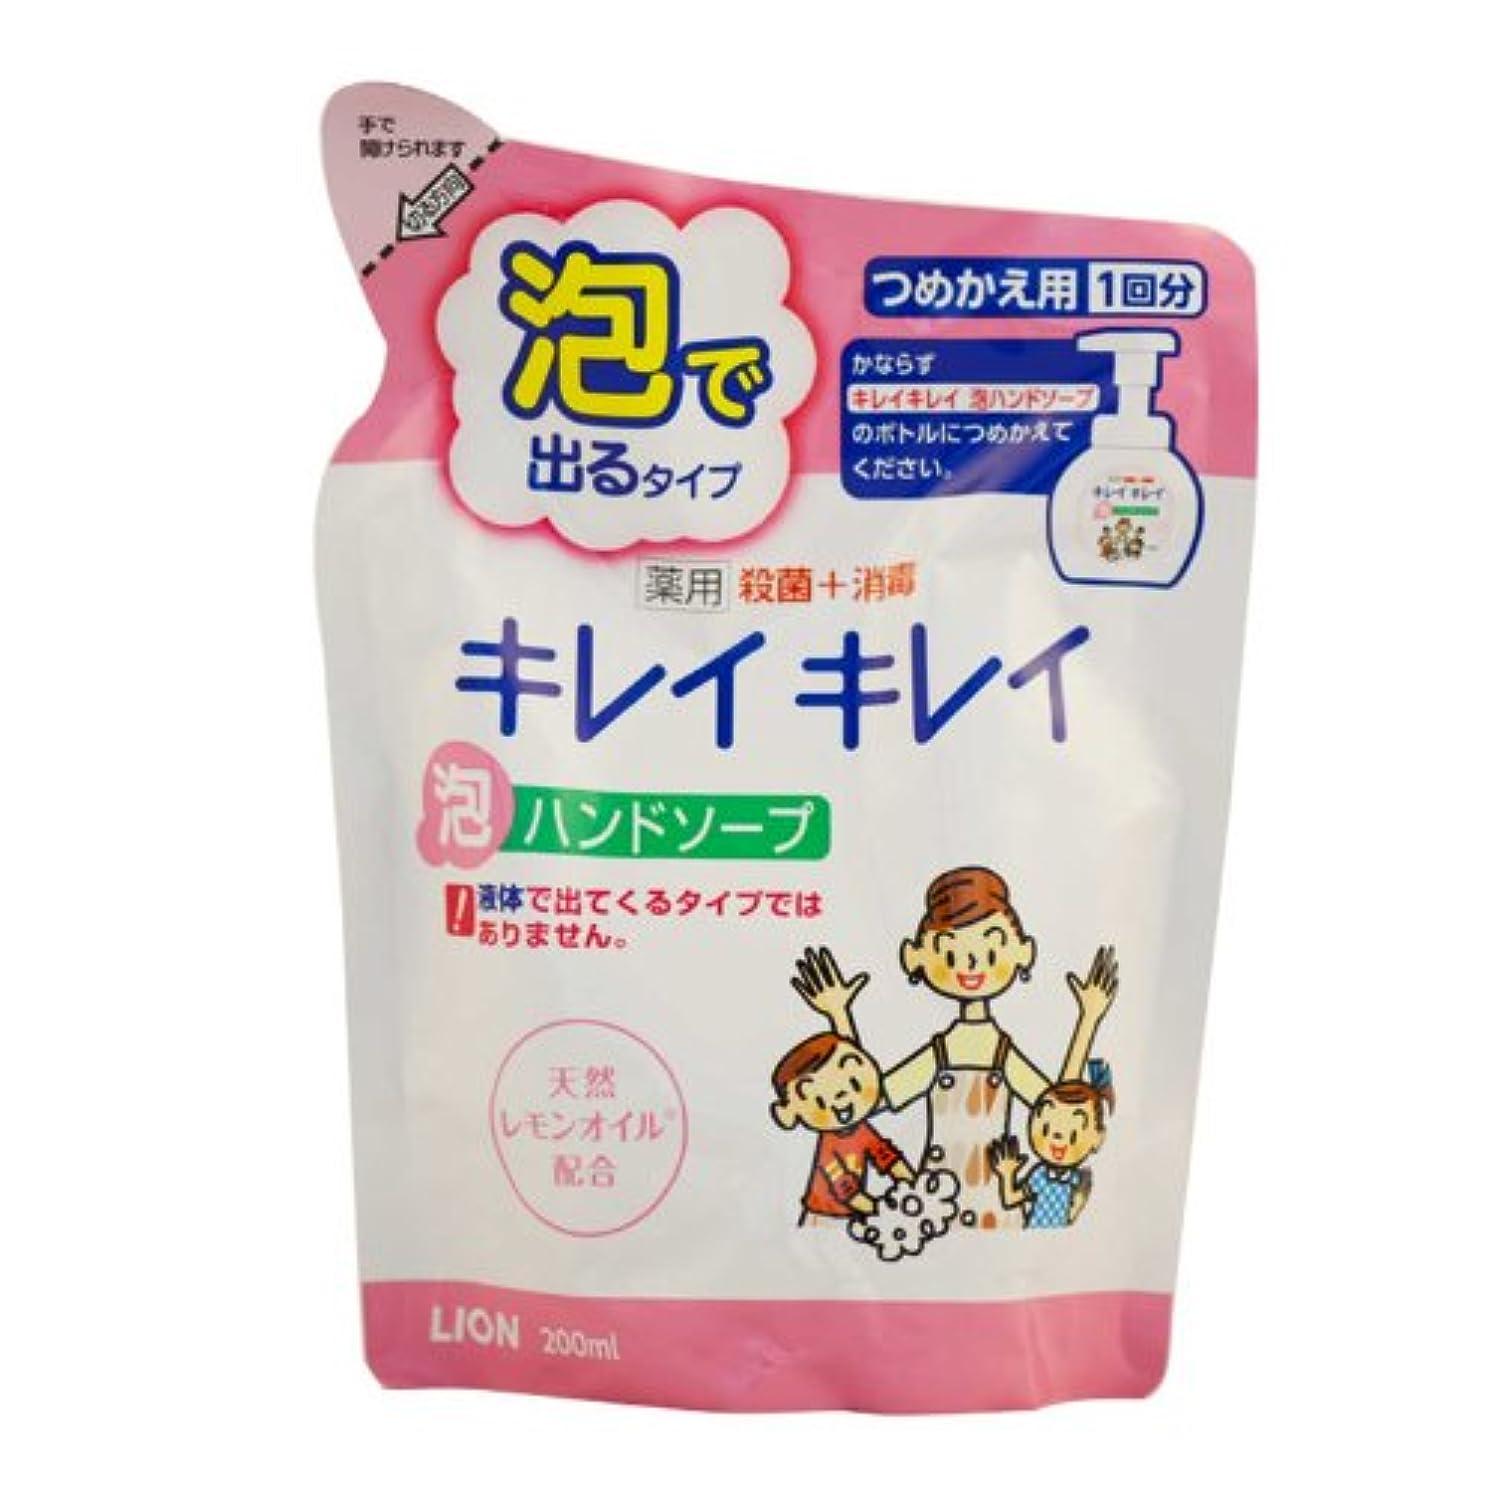 肉クリエイティブマウントバンクキレイキレイ 薬用泡ハンドソープ 詰替 200ml